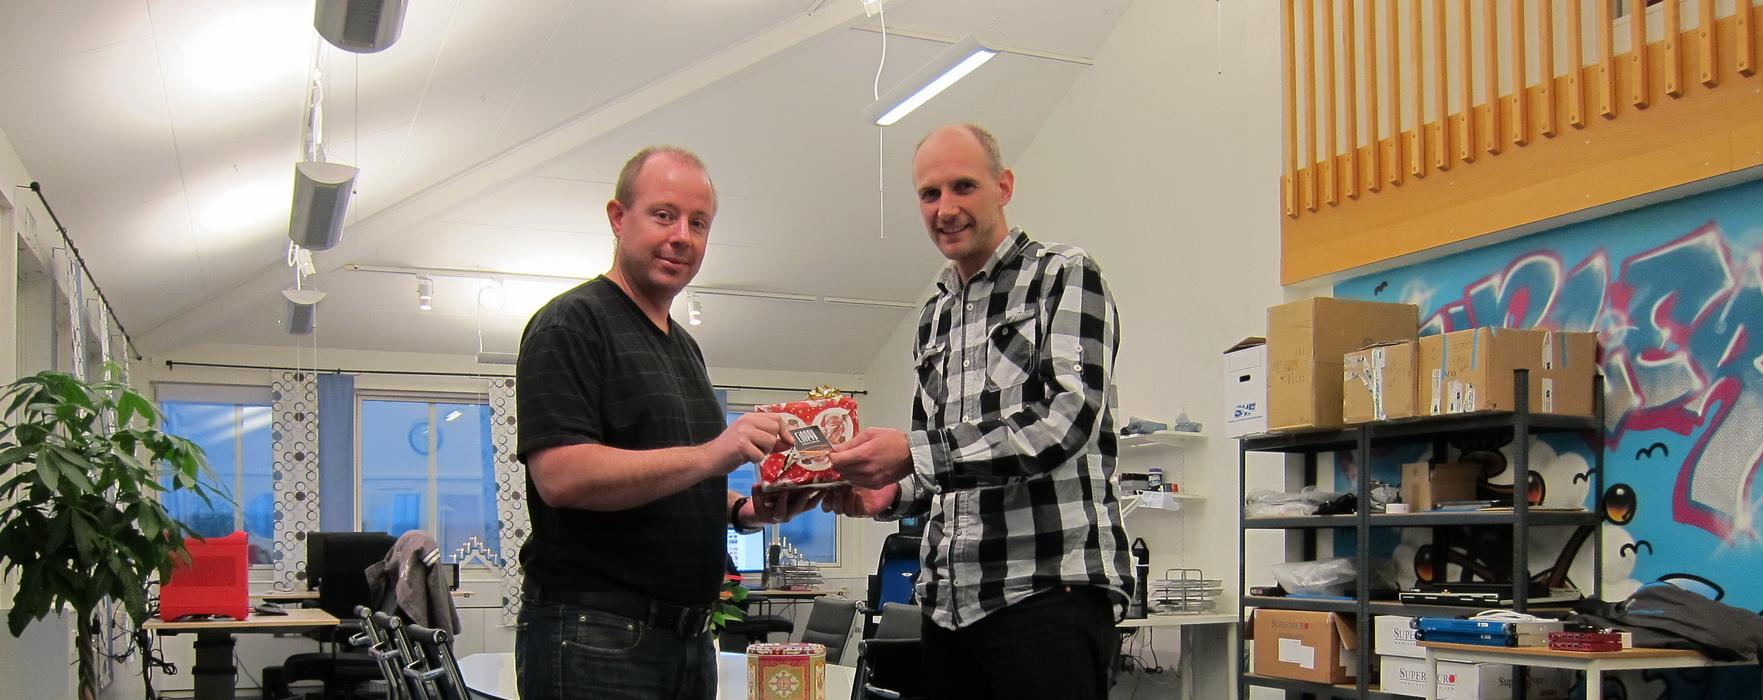 Anders Hög och Mikael Karlsson